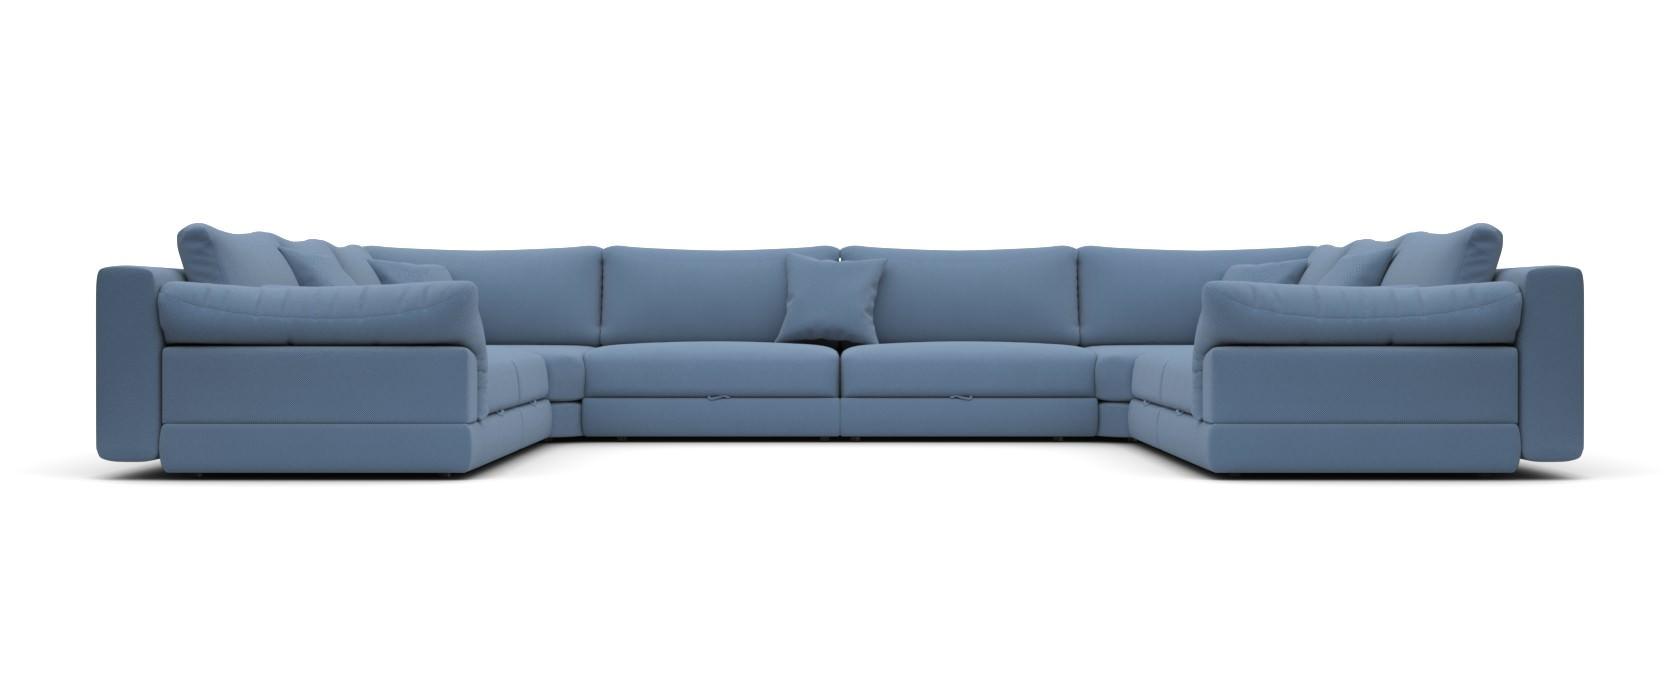 Модульный диван Claudia 440x355 - Pufetto